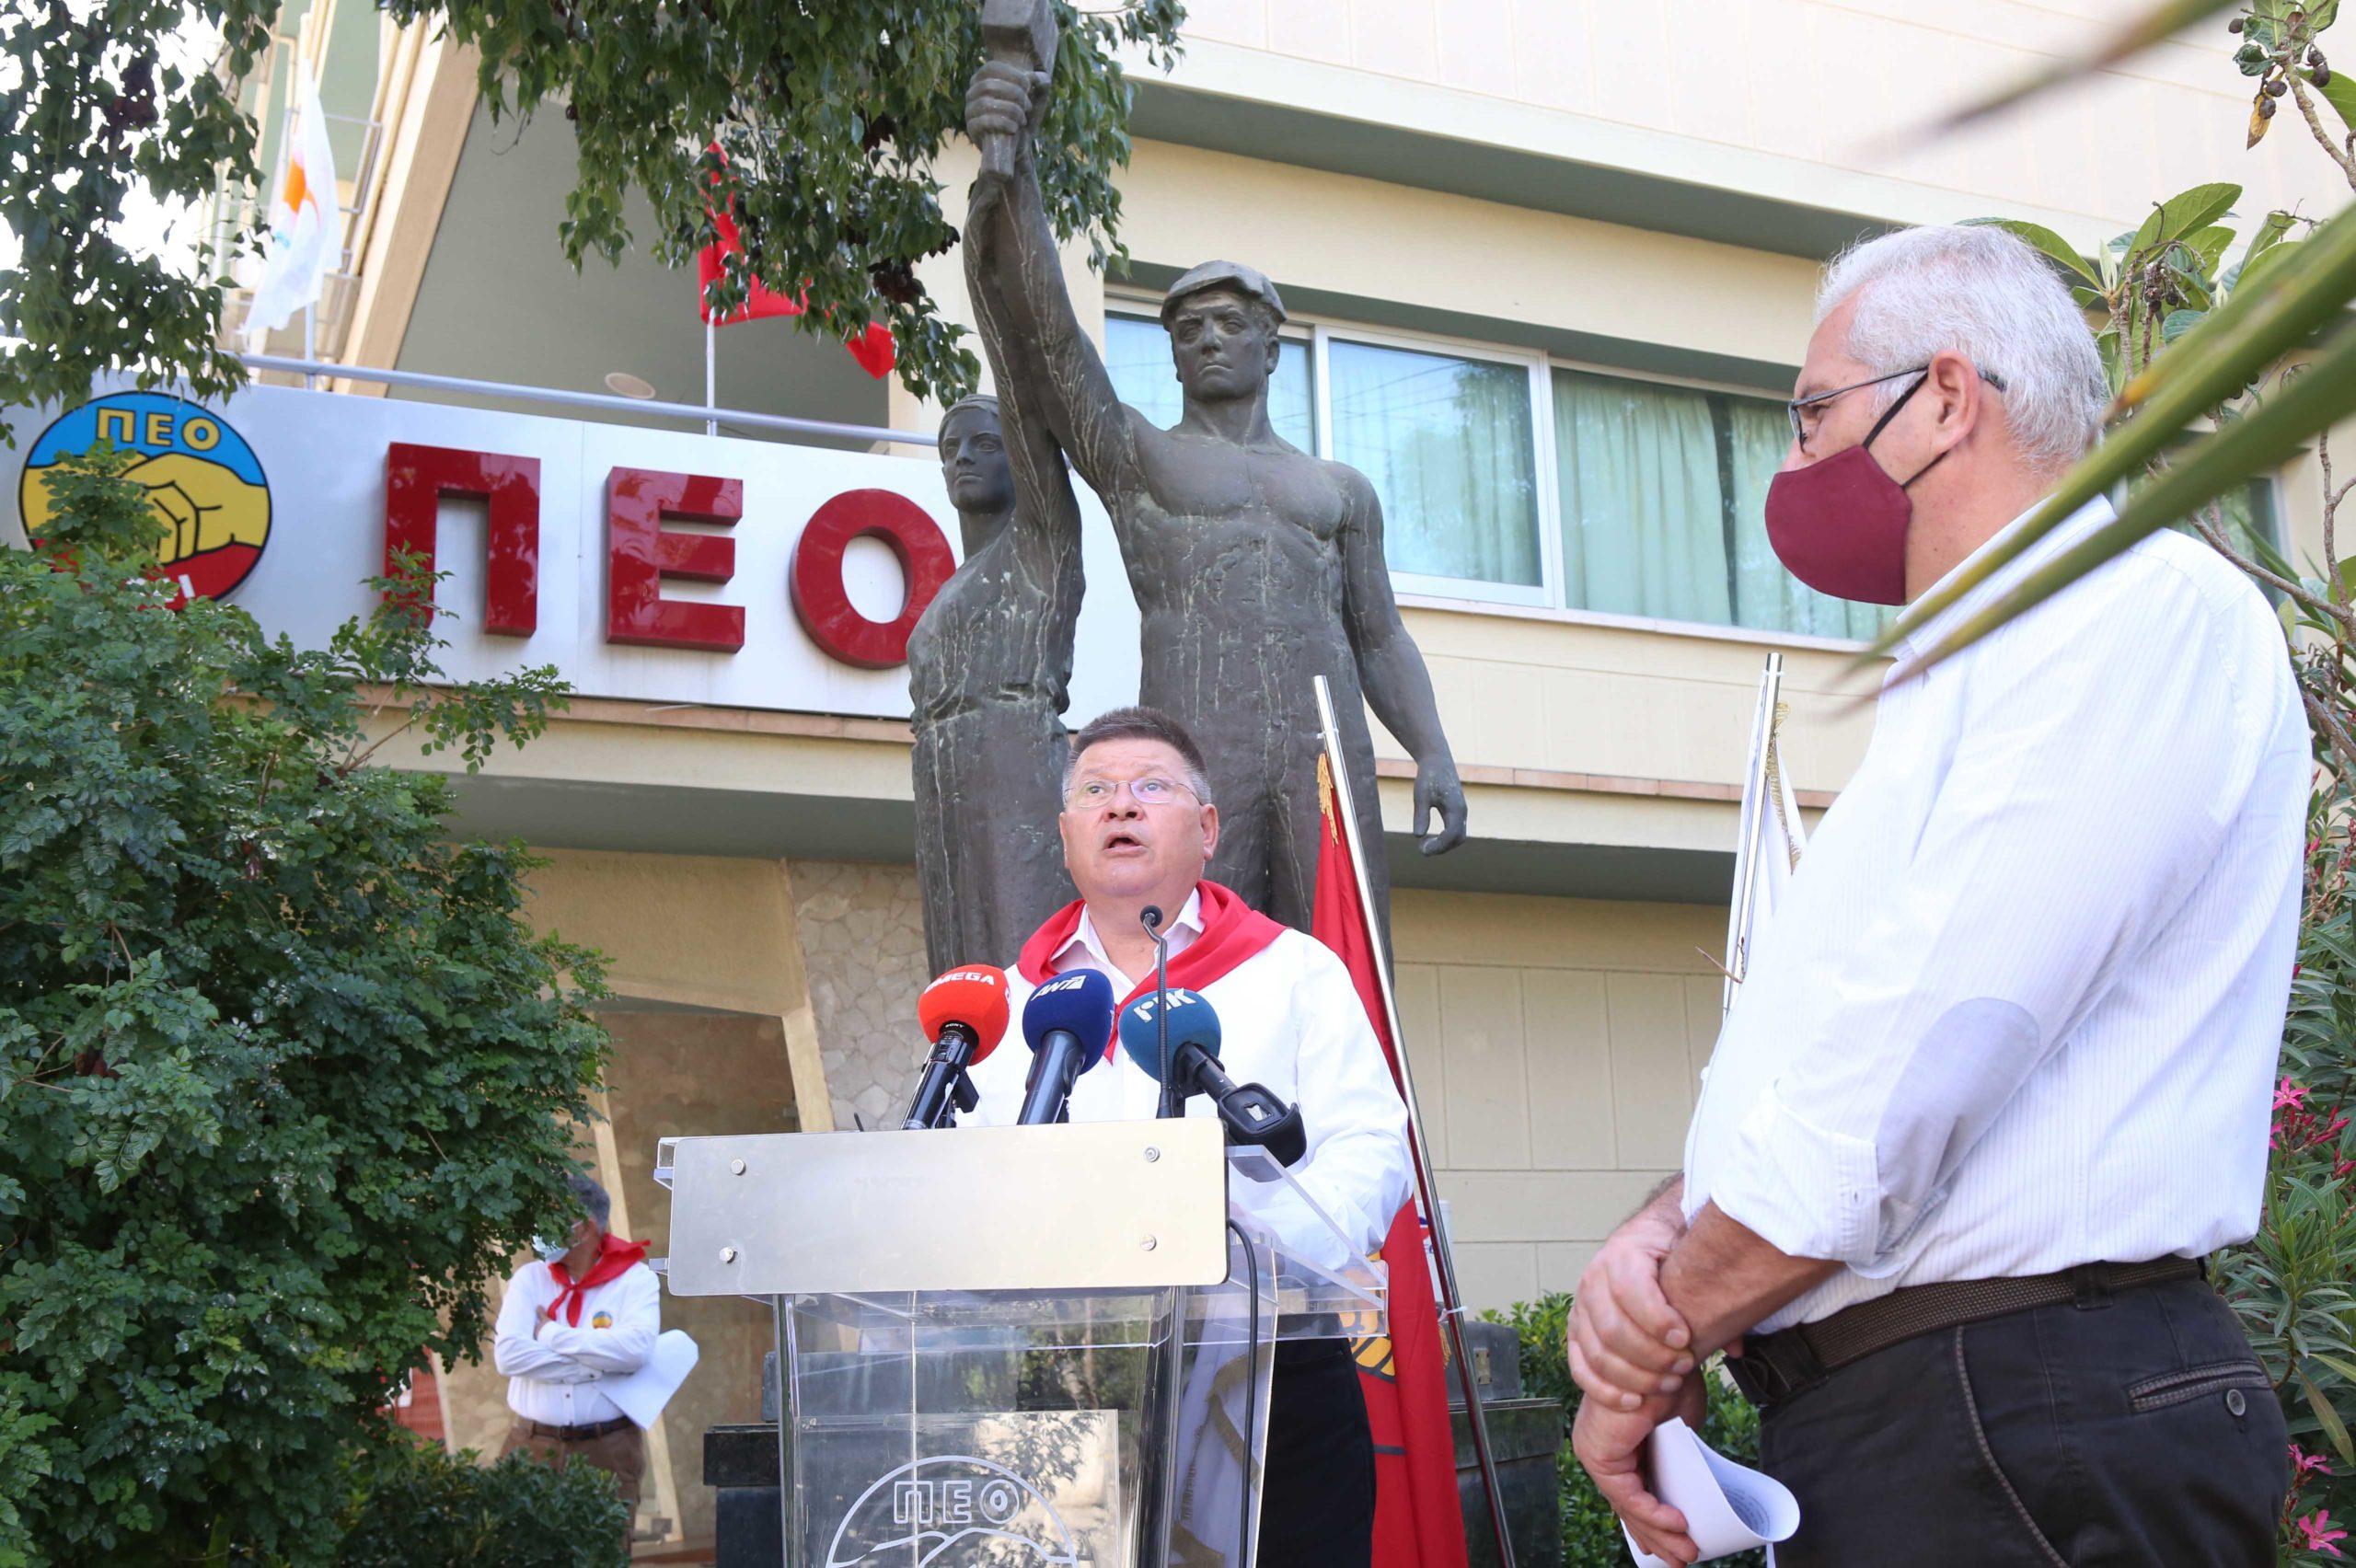 ΠΕΟ Συμβολική εκδήλωση για την Εργατική Πρωτομαγιά PROTOMAGIA PEO AKEL 22 scaled